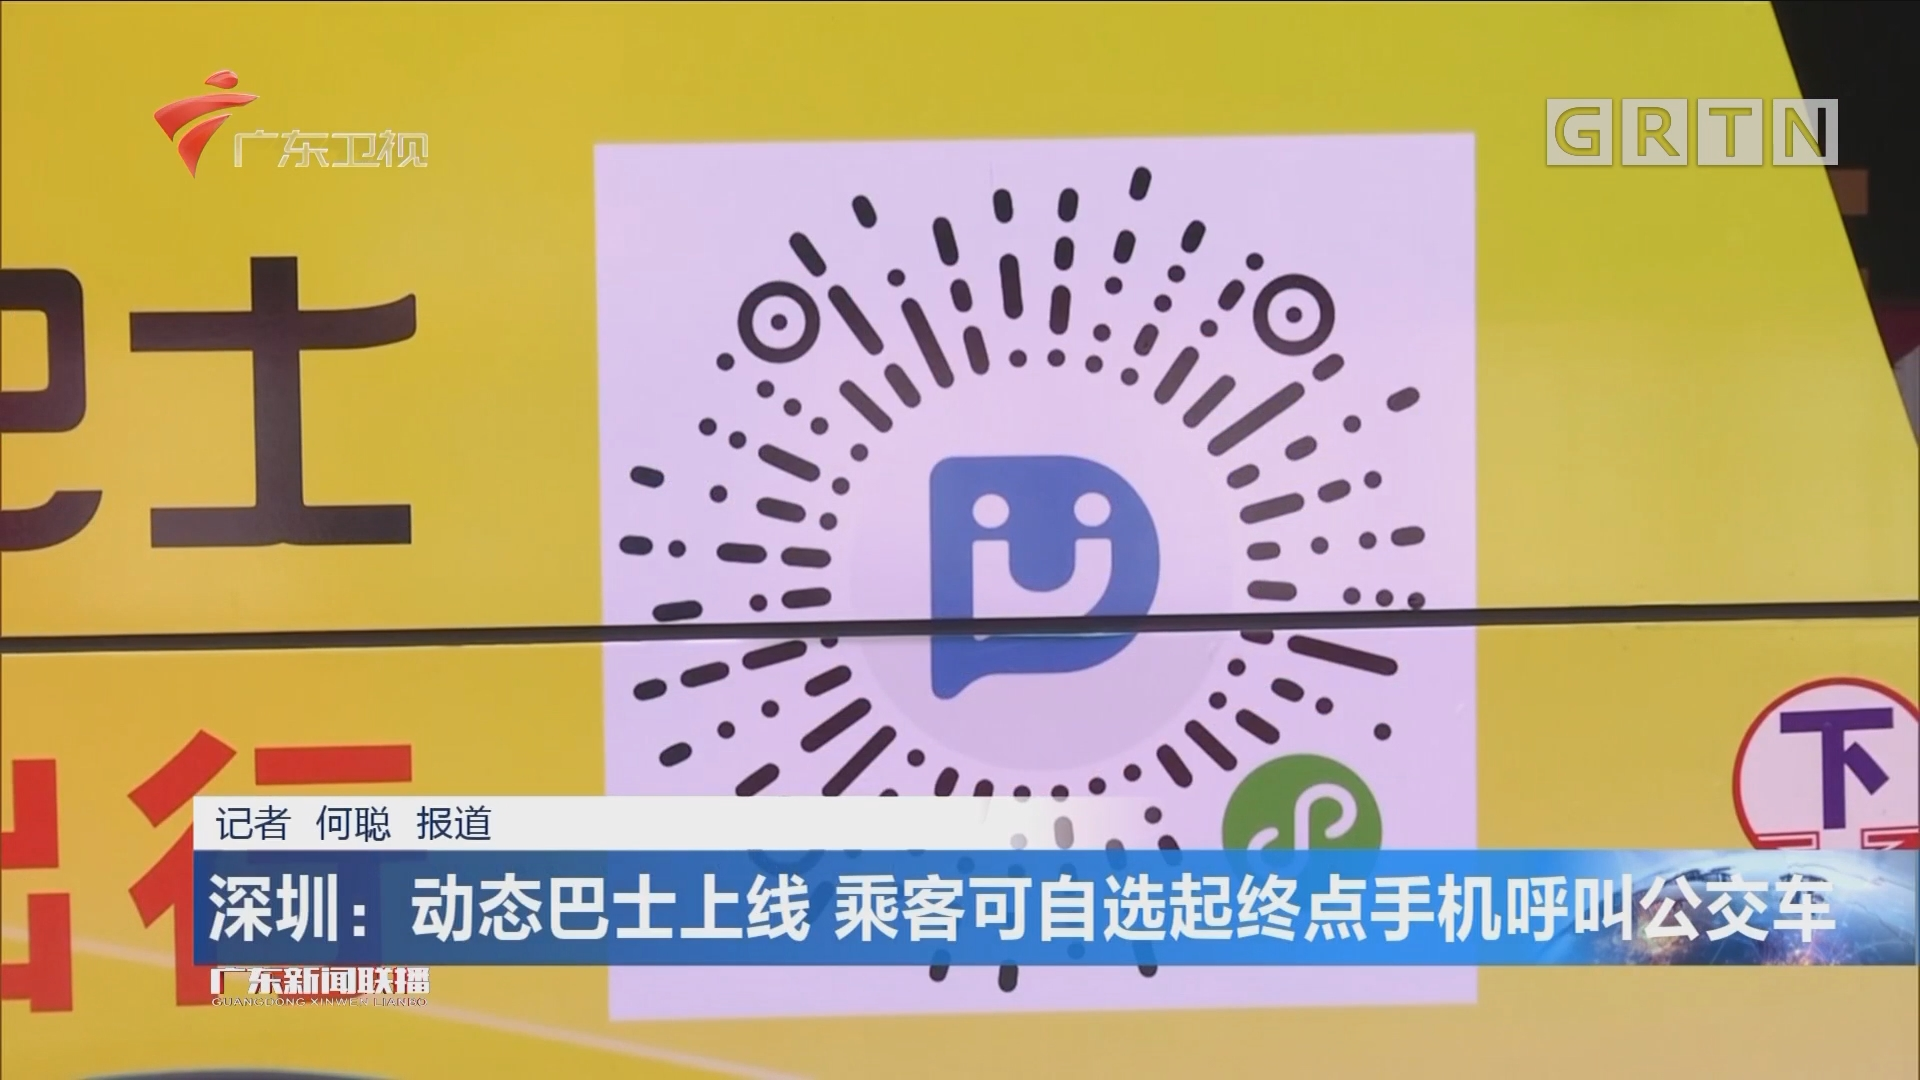 深圳:动态巴士上线 乘客可自选起终点手机呼叫公交车